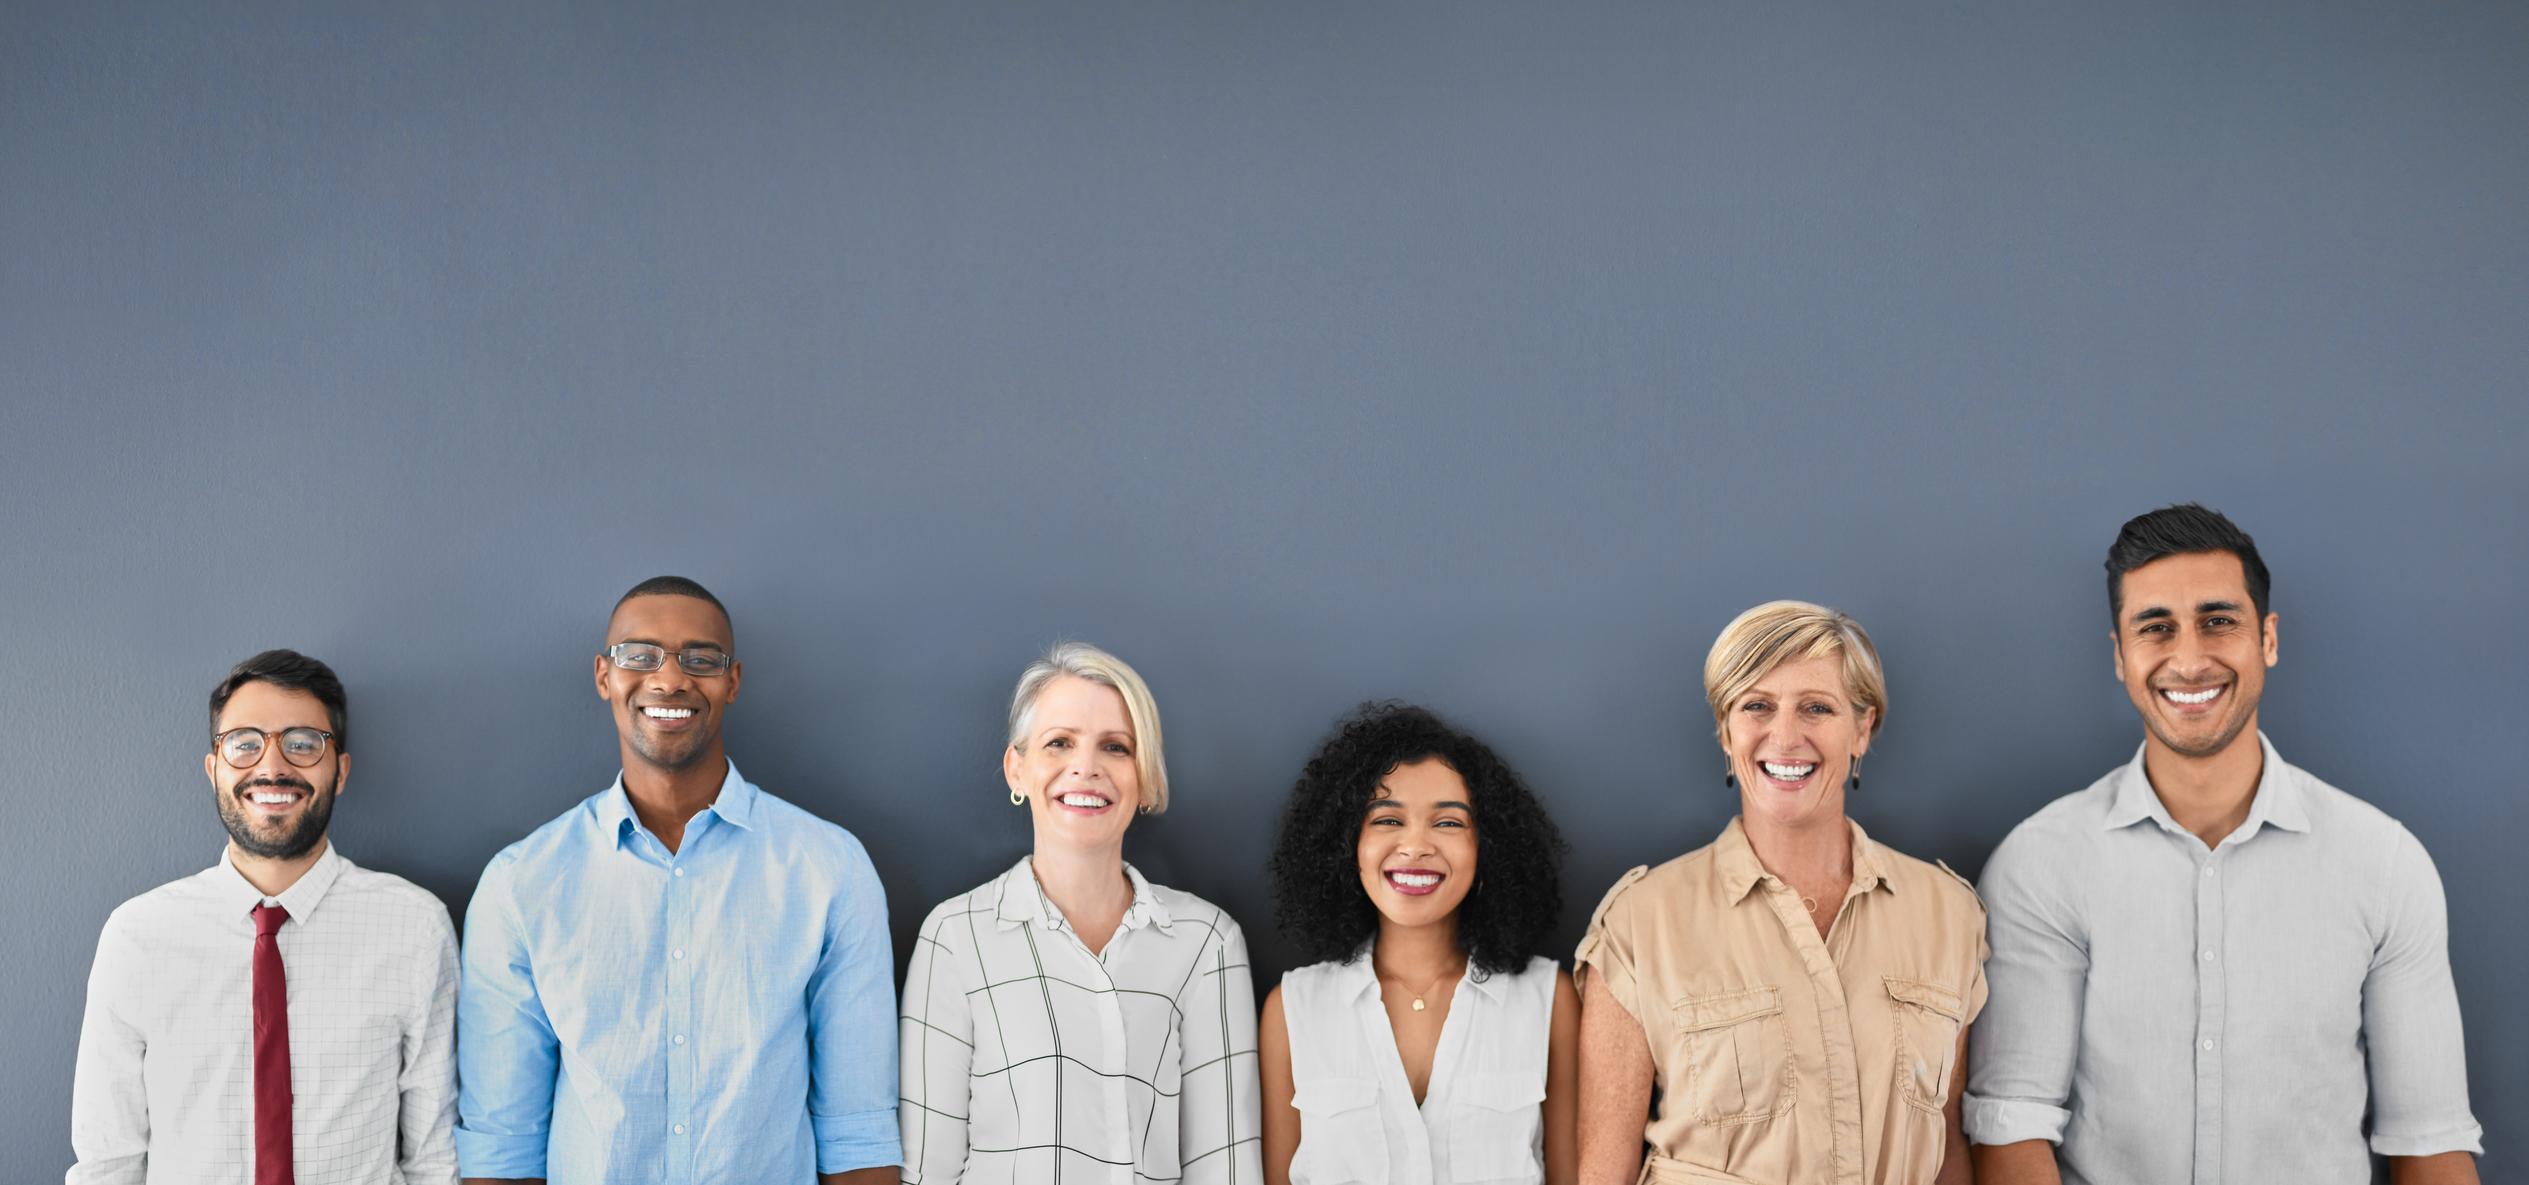 Diversidade nas empresas: entenda as vantagens que ela pode trazer para o seu negócio